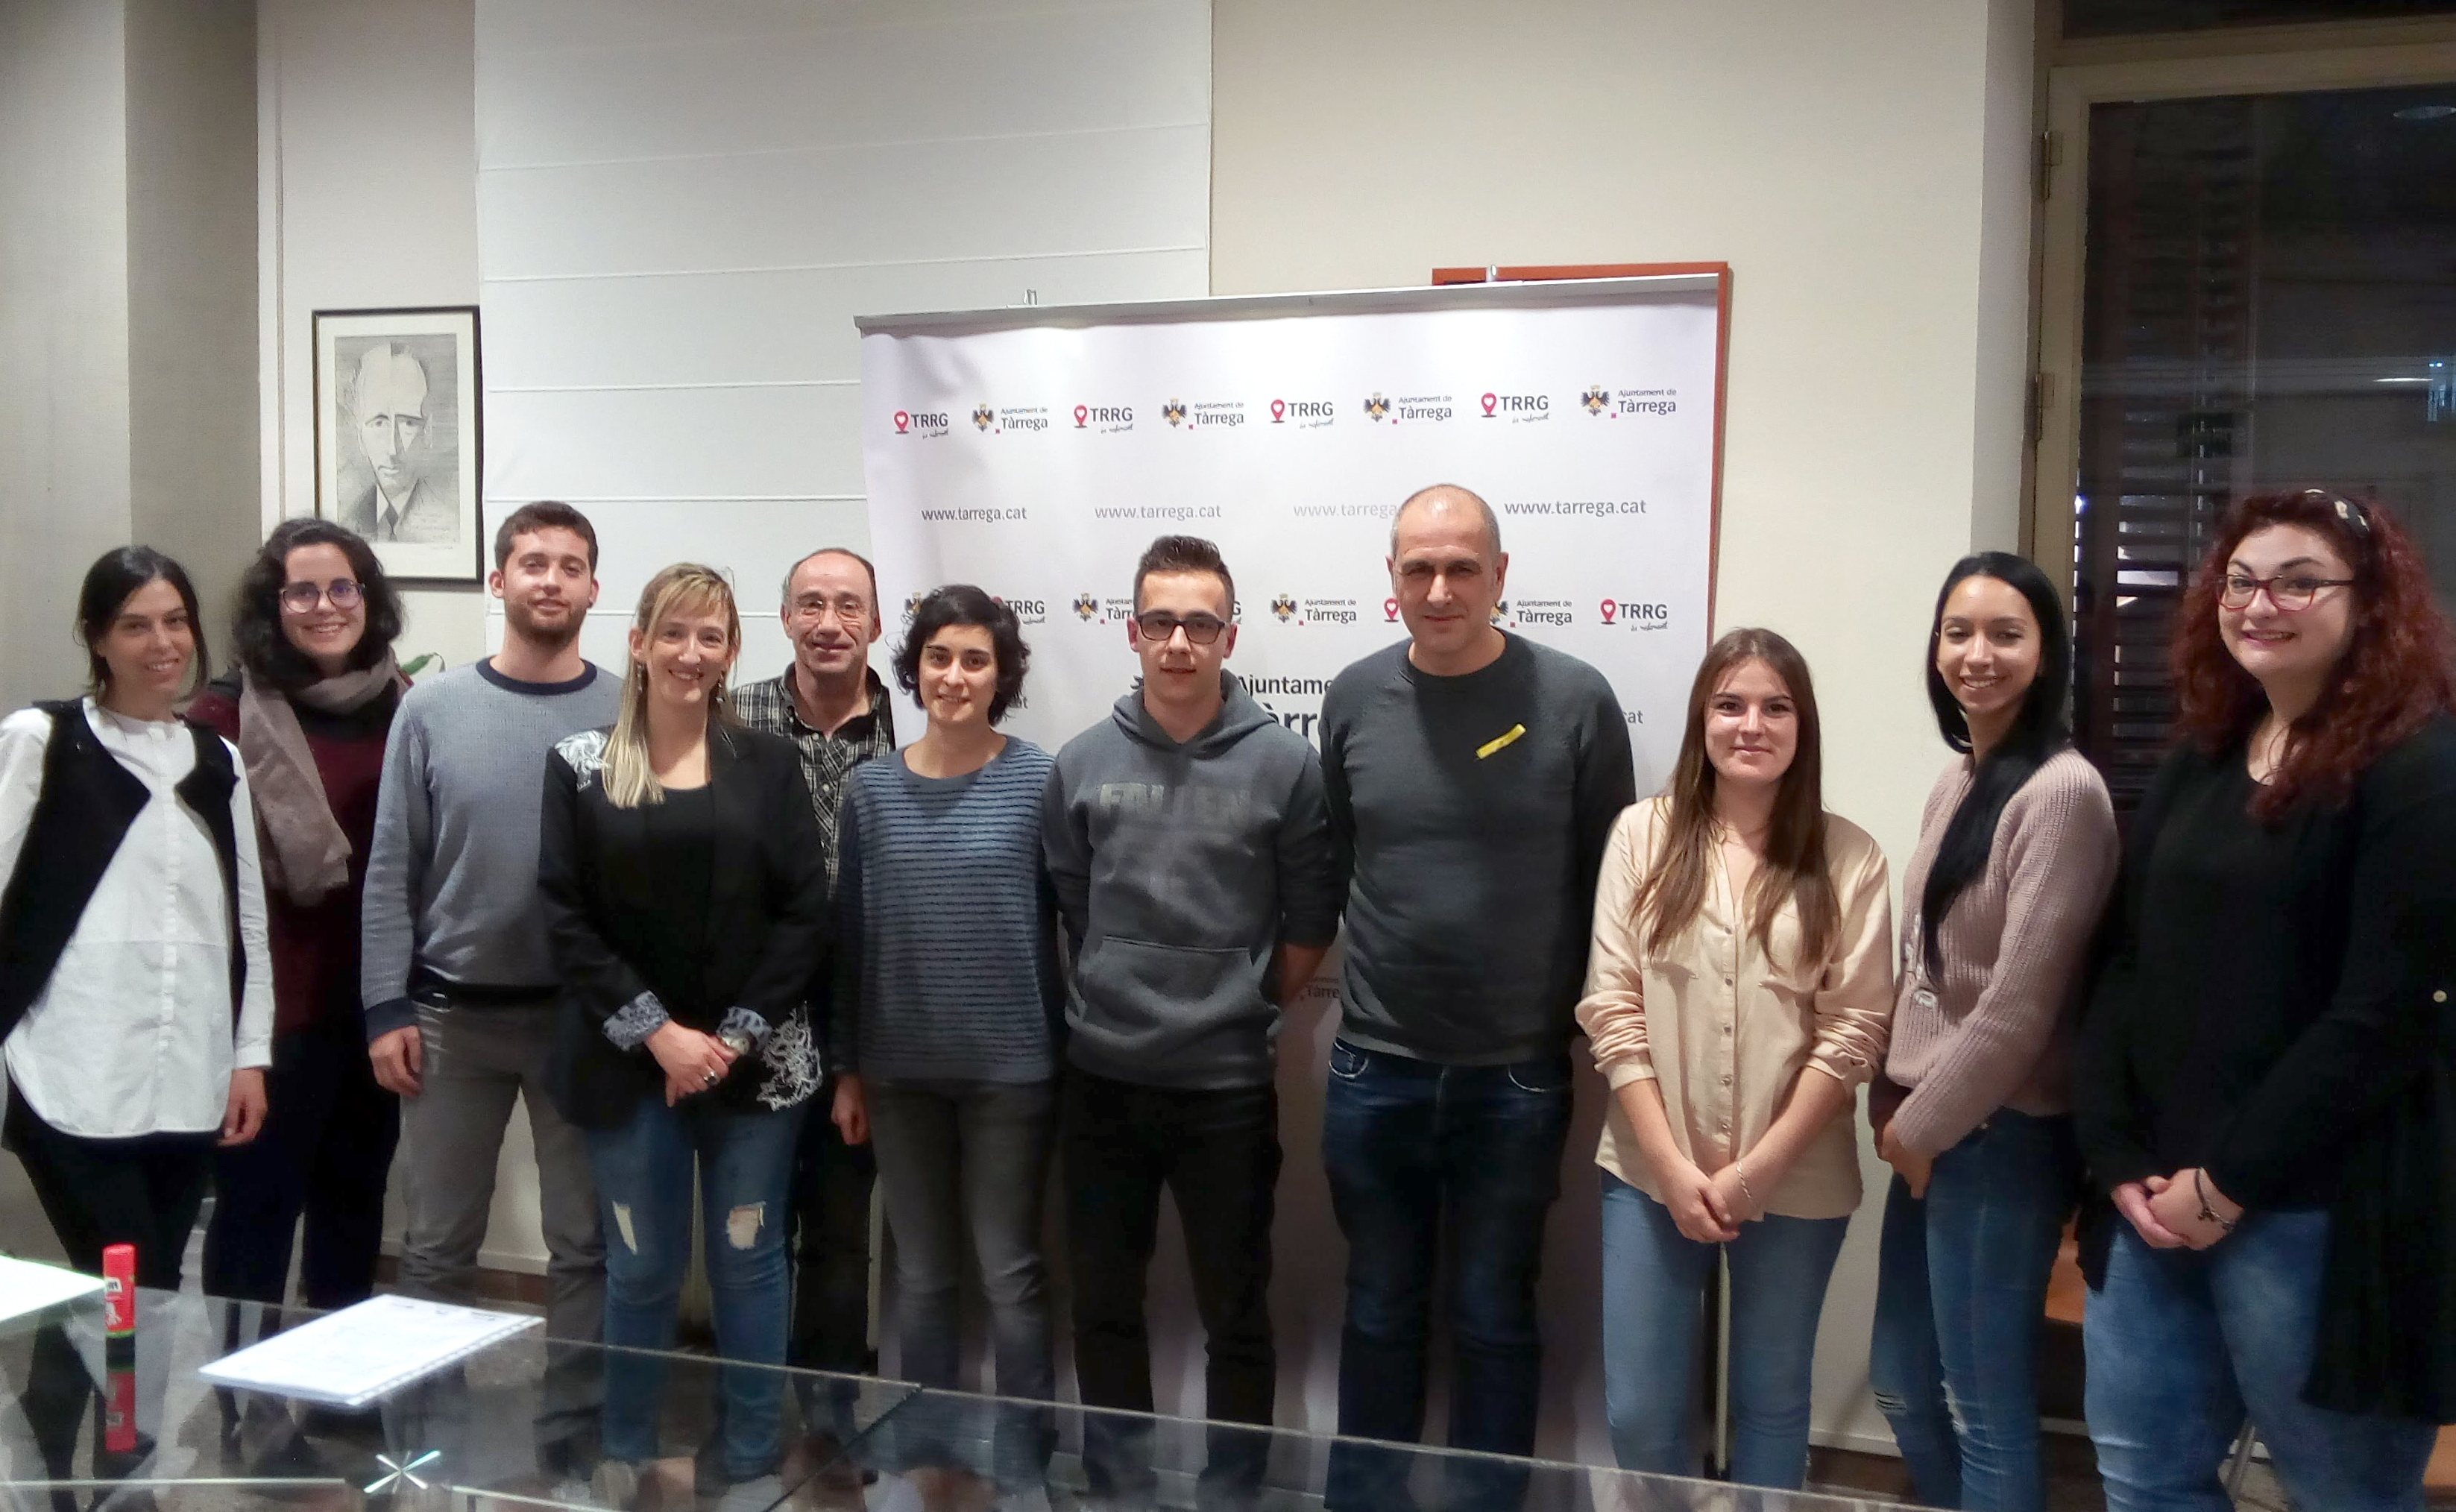 Èxit de la primera acció conjunta de La Solana de Tàrrega i l'IMO de Lleida per a promoure la inserció laboral de gent jove